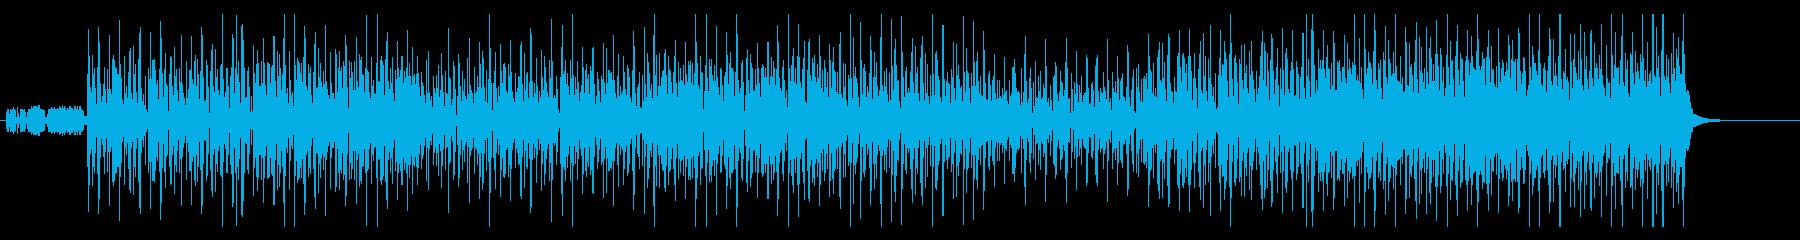 ジングルベル 和テイストの再生済みの波形